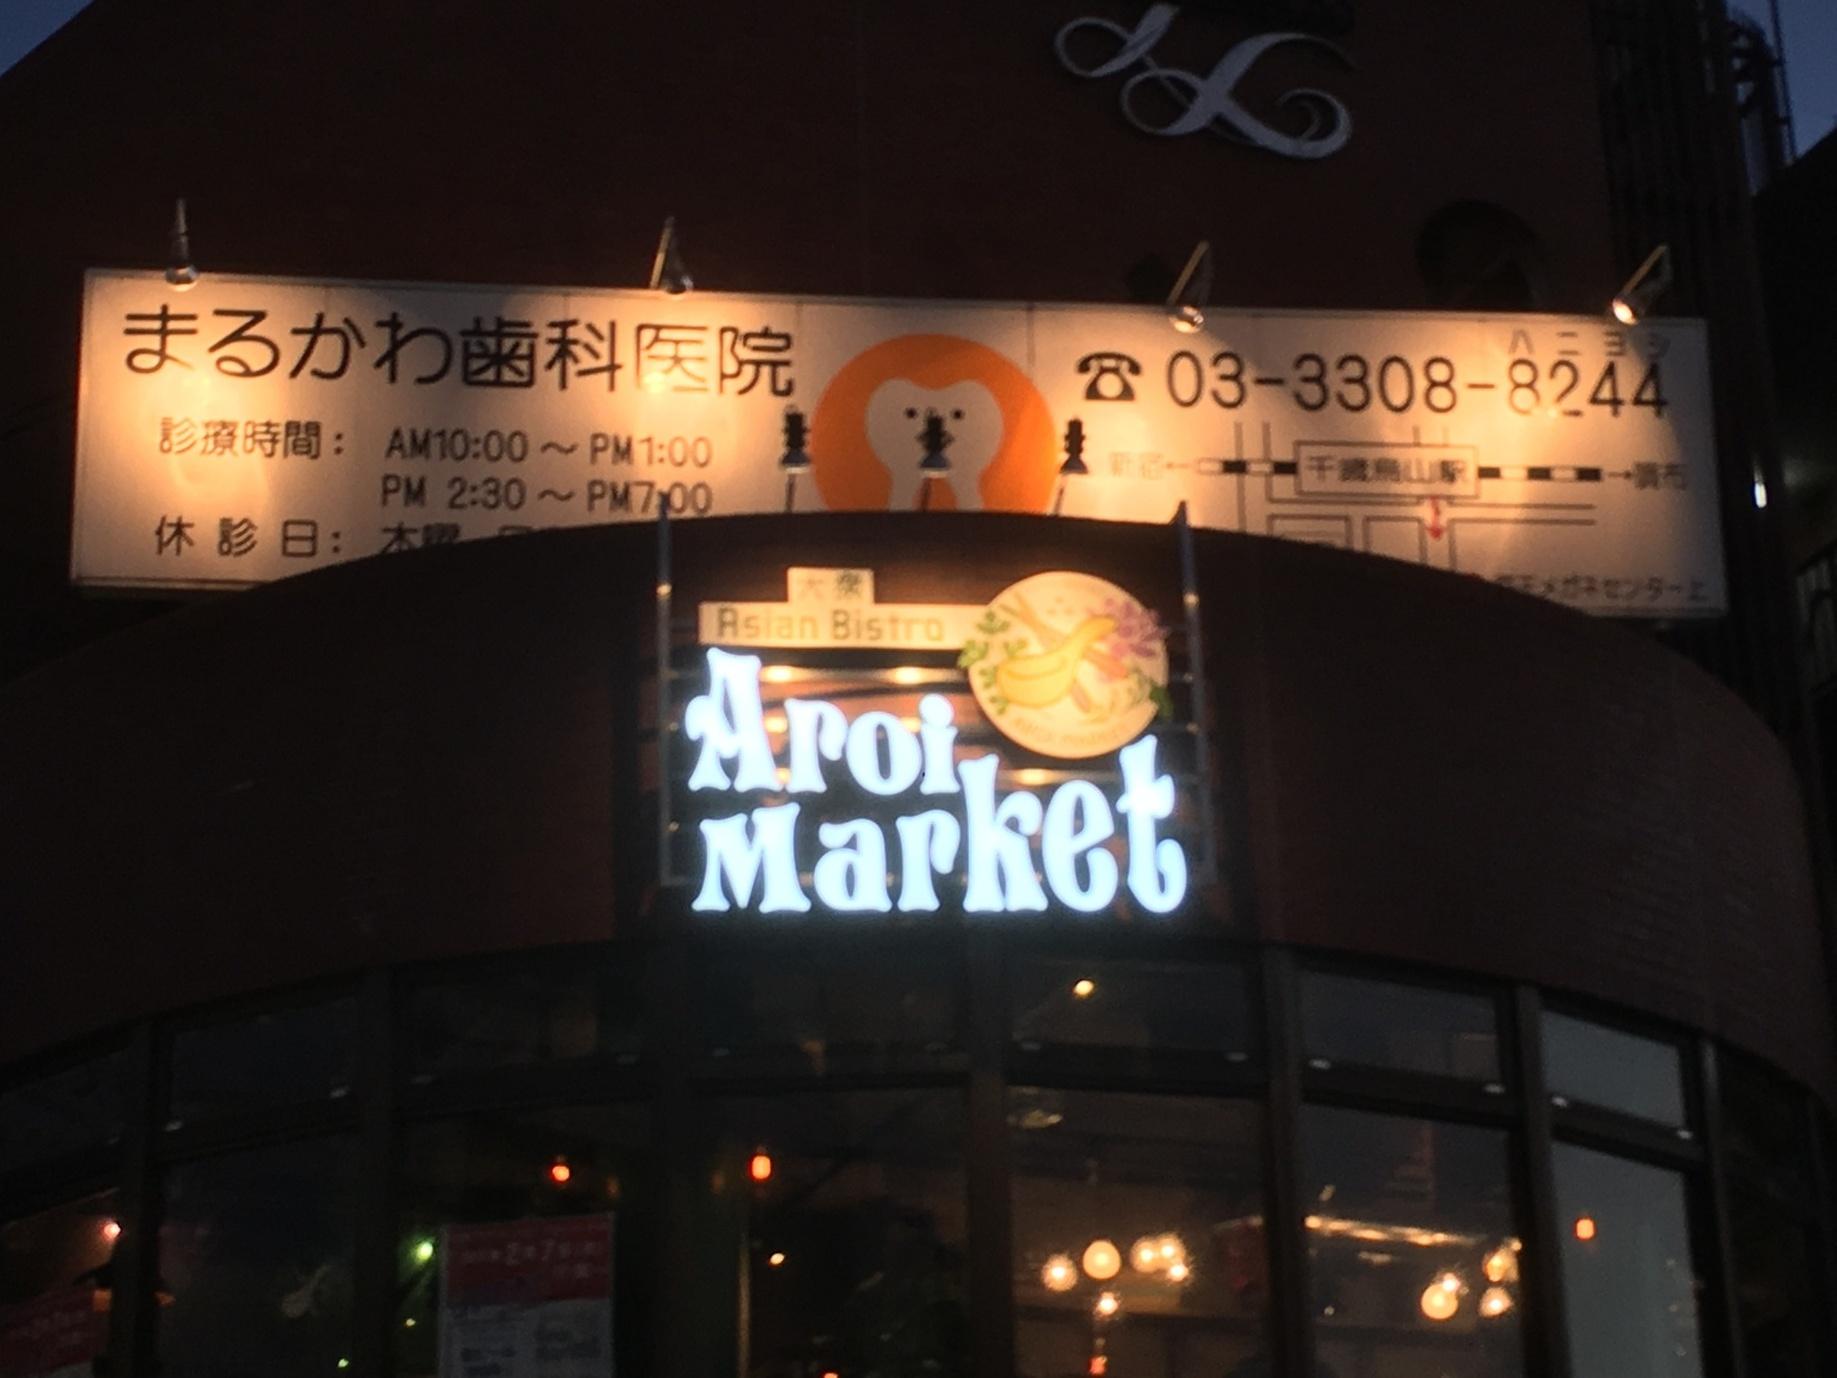 大衆 アジアンビストロ アロイマーケット